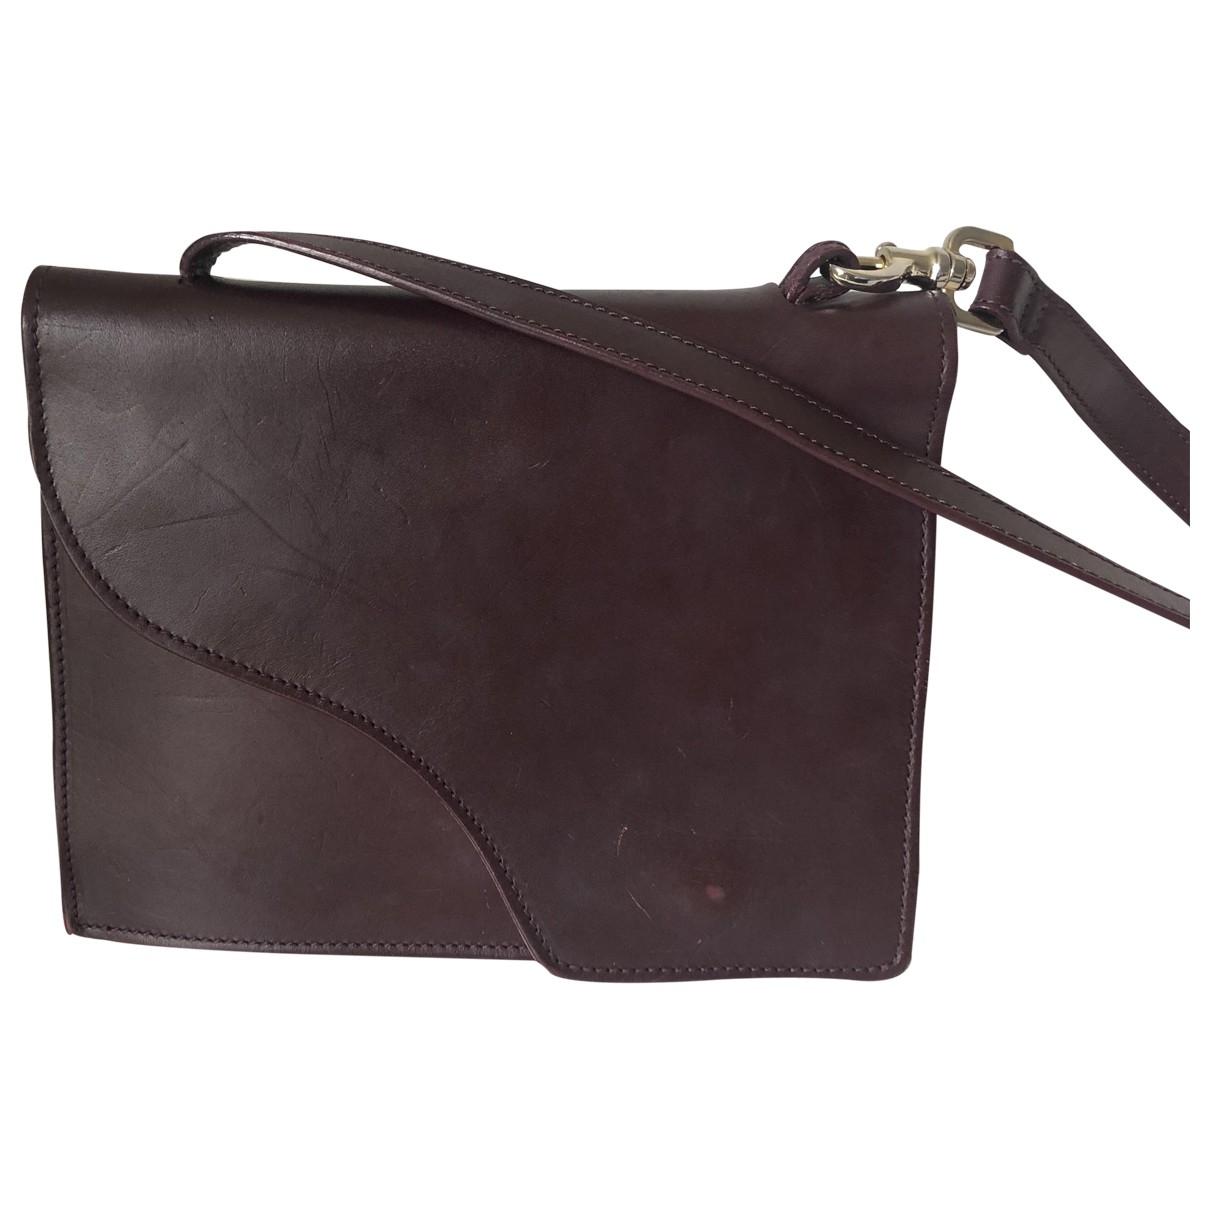 Atp Atelier \N Burgundy Leather handbag for Women \N